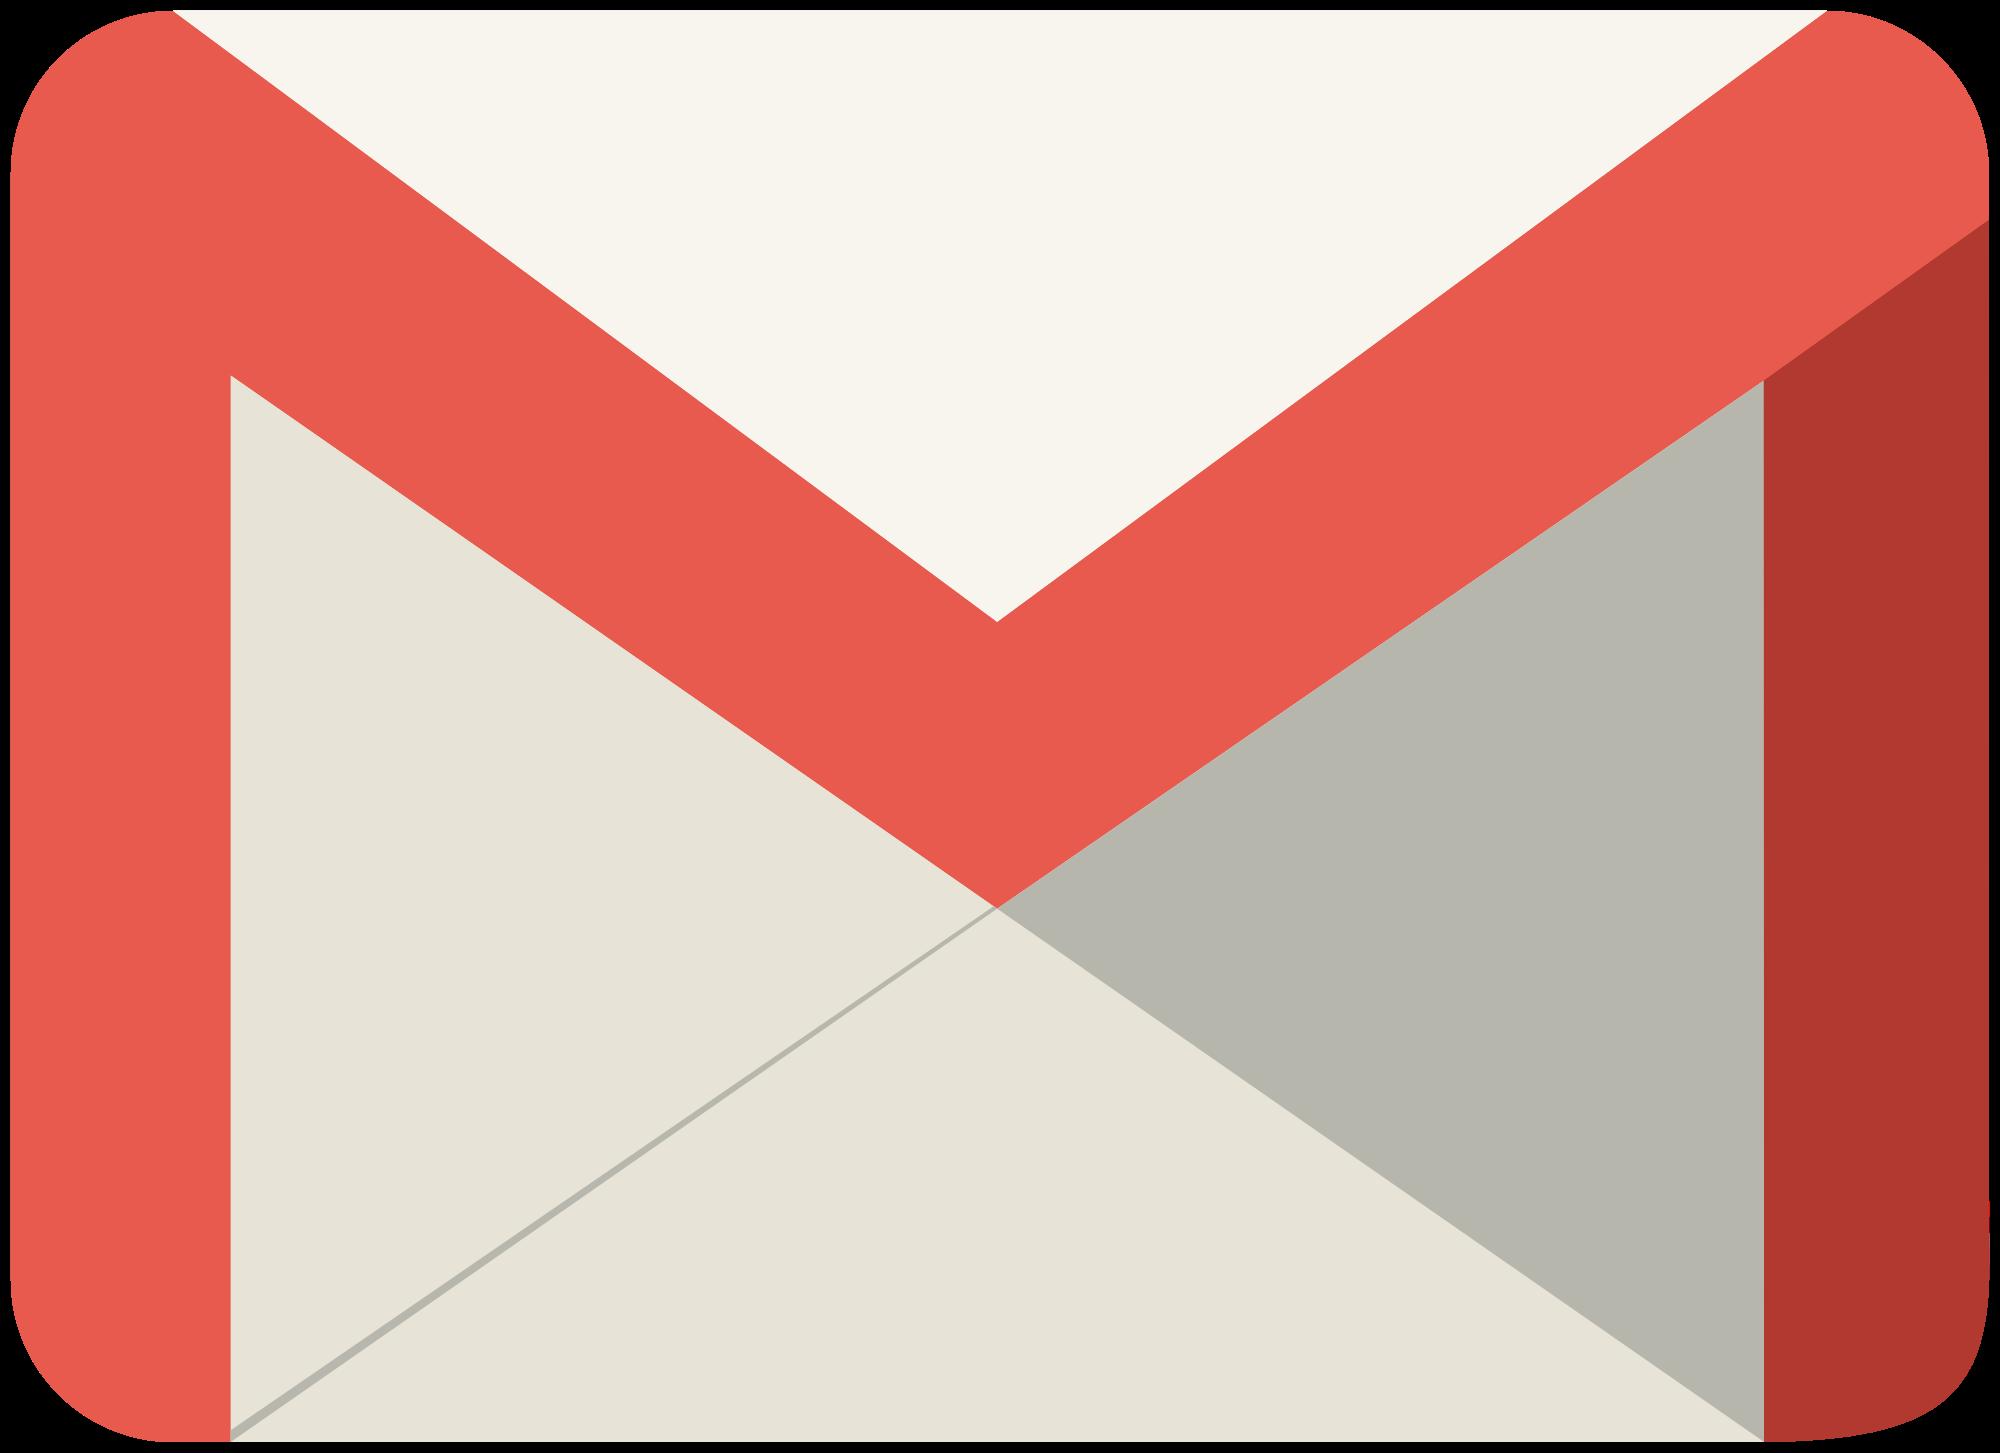 W końcu! Gmail z większymi załącznikami. Znika ograniczenie 25 MB, ale  pojawia się nowe - WP Tech